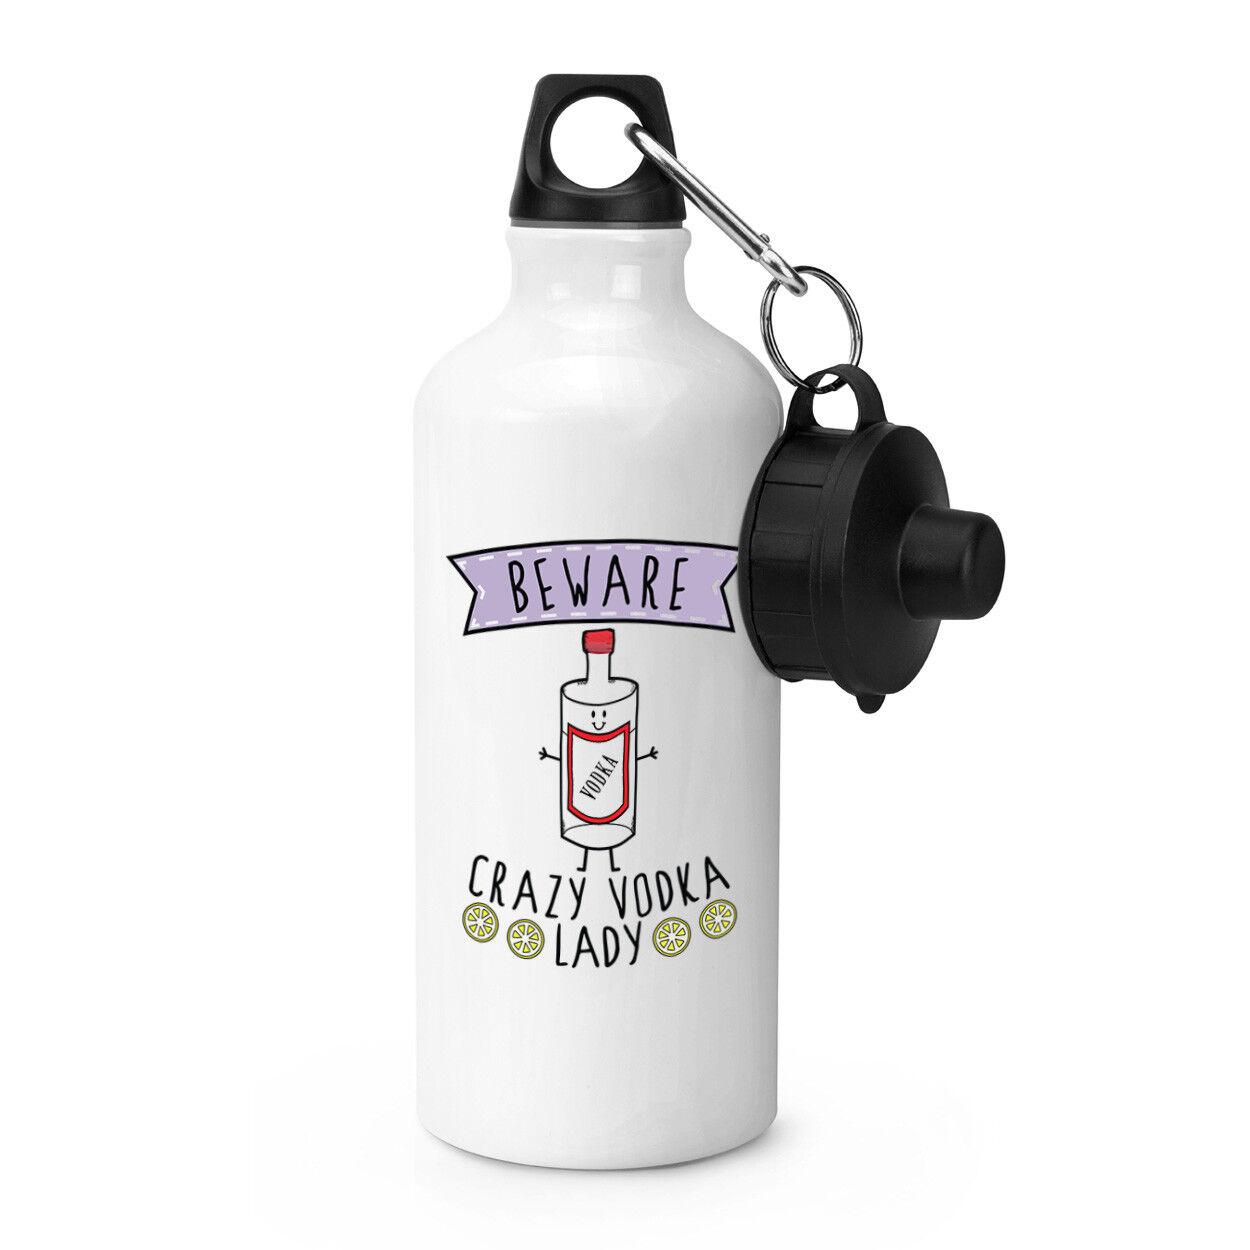 Méfiez-vous fou Blague vodka Lady Sports Boisson Bouteille Camping fiole-Drôle Blague fou ivre 46733f